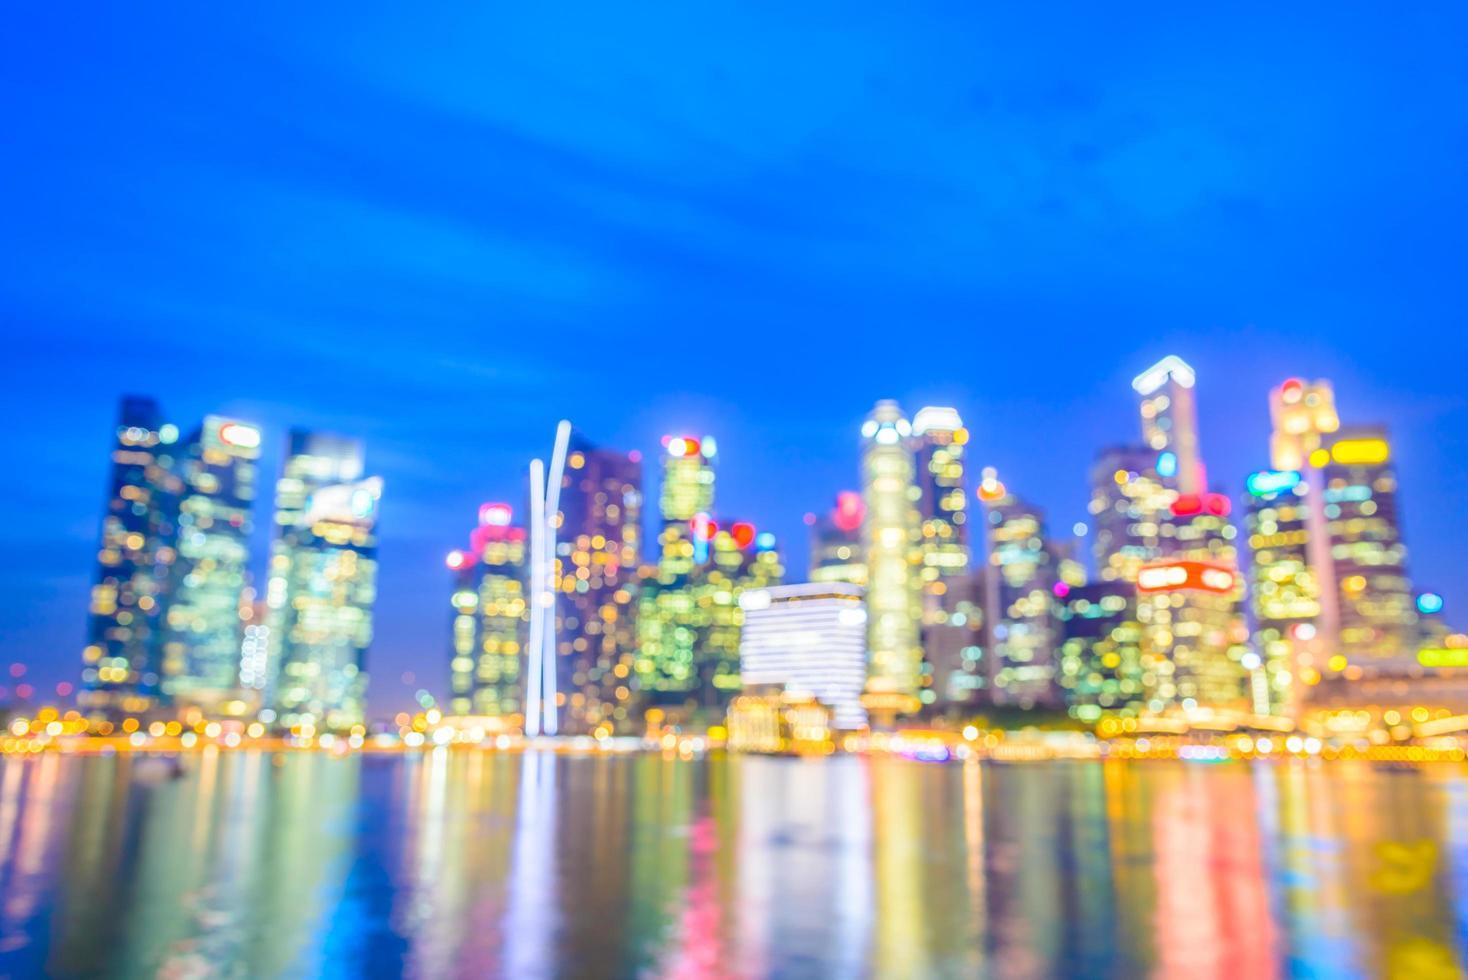 abstrakt defokuserad singapore stadsbakgrund foto